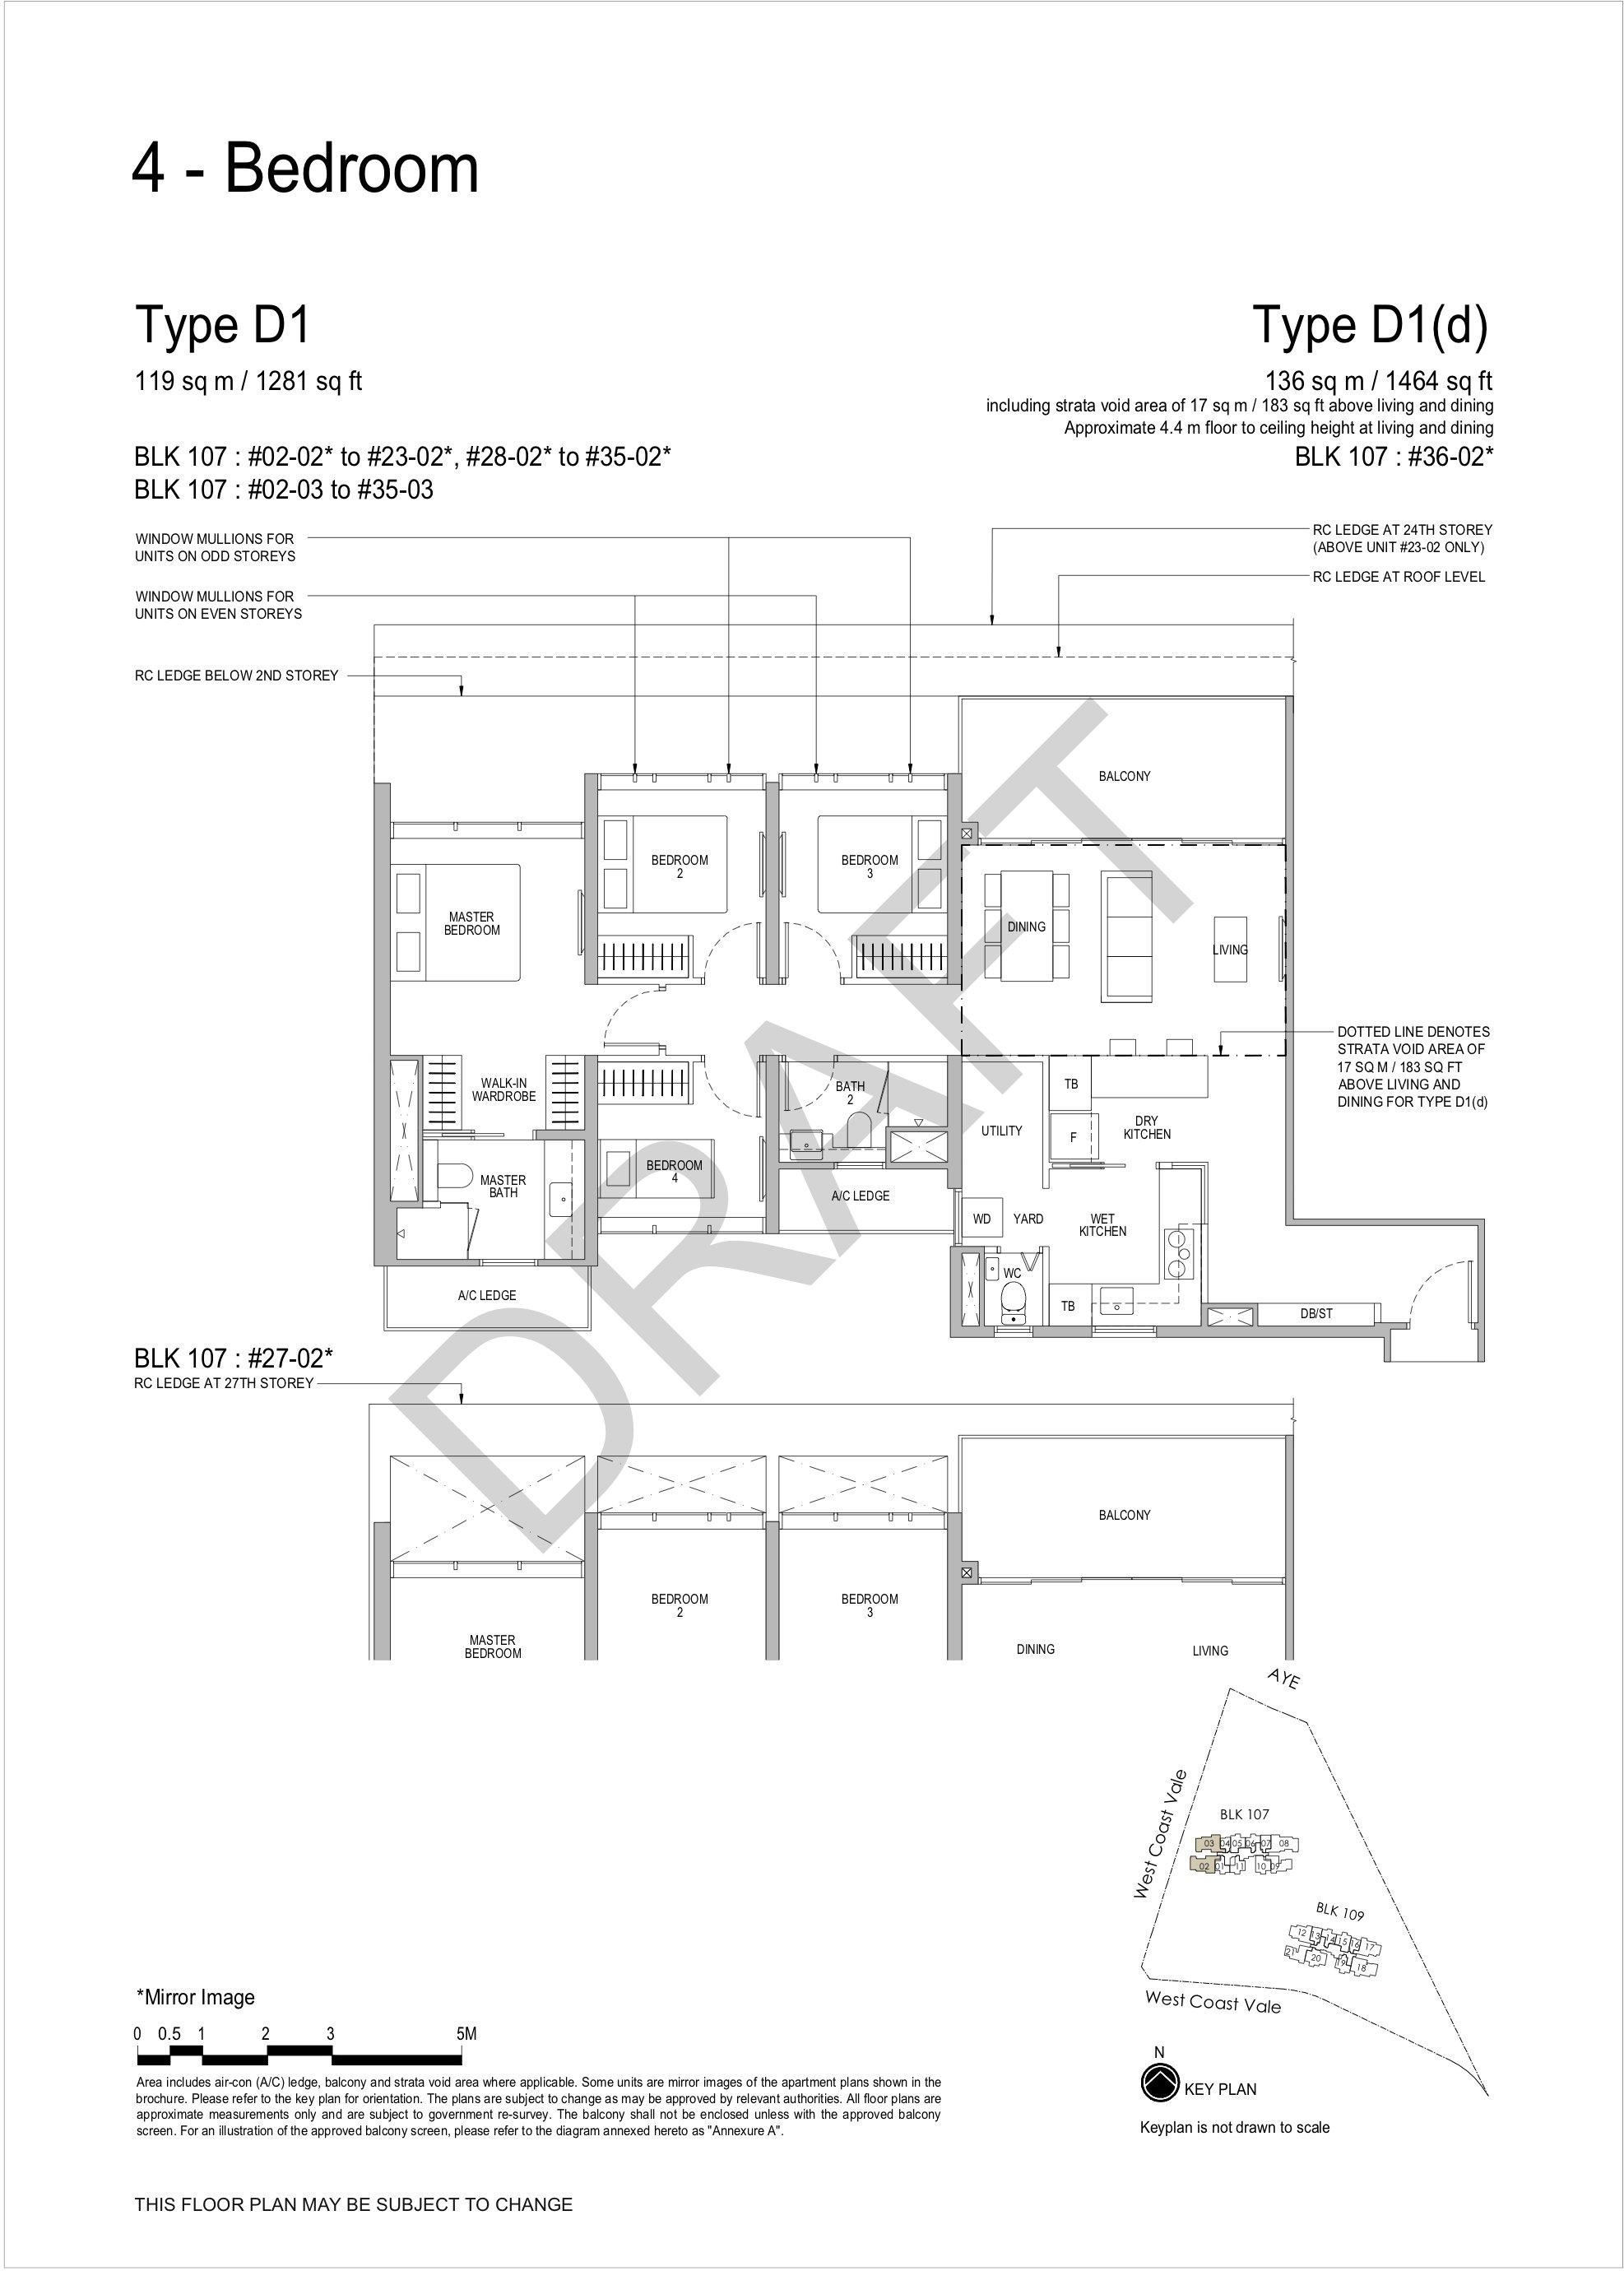 Whistler Grand 4 bedroom floor plan D1